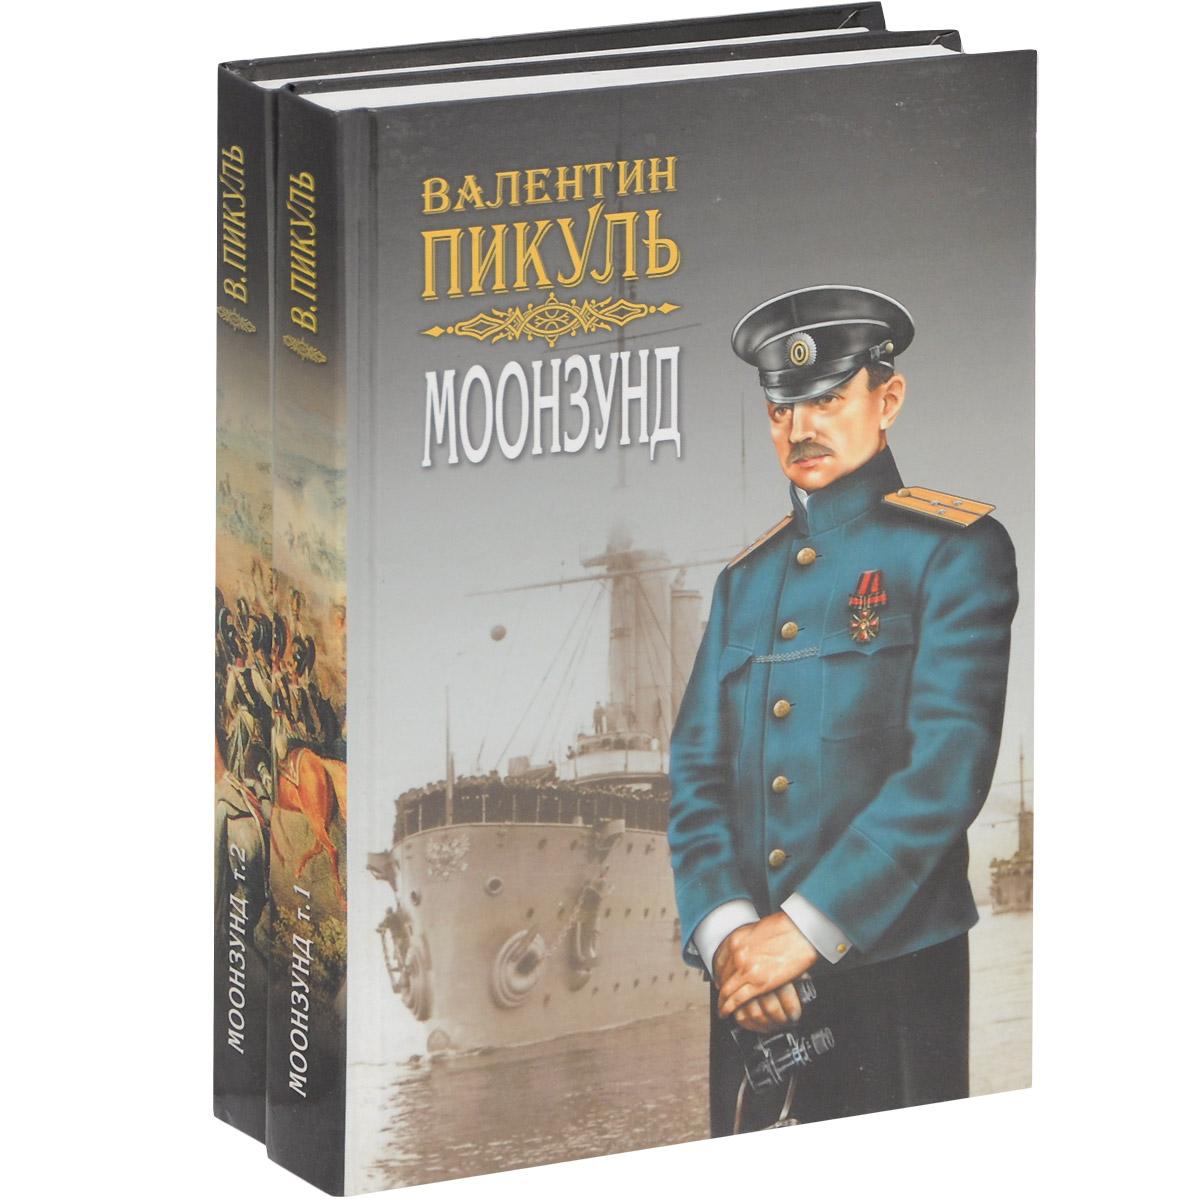 Валентин Пикуль Моонзунд (комплект из 2 книг)